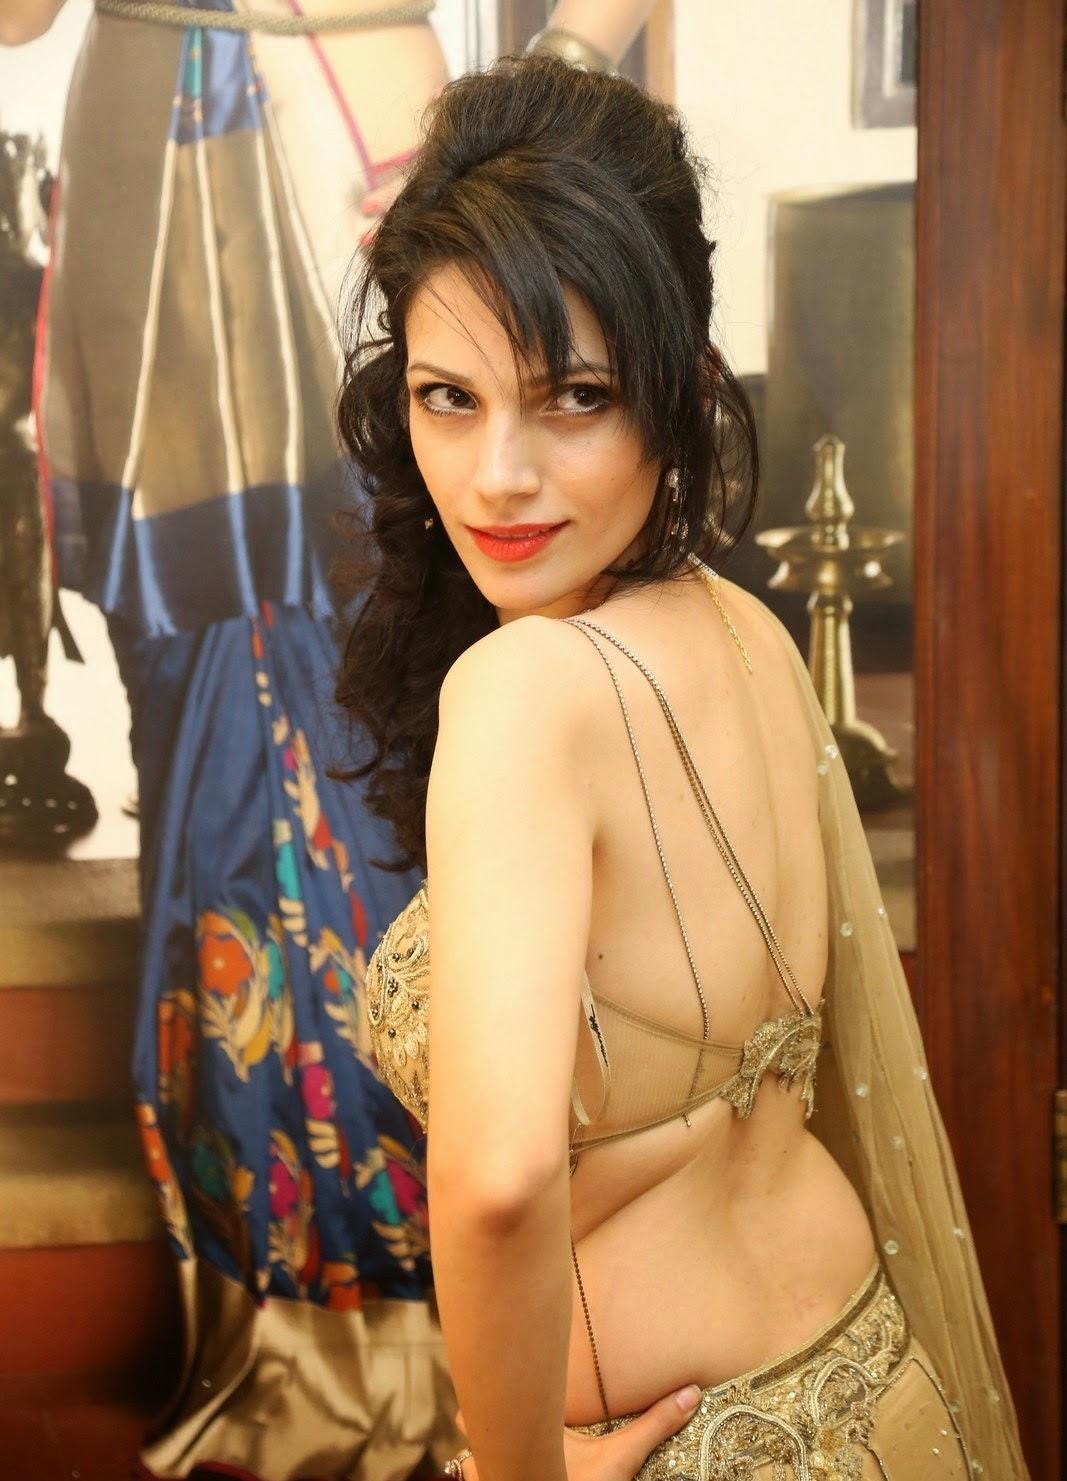 Cleavage Clara Bindi nude (17 photos) Selfie, Facebook, in bikini